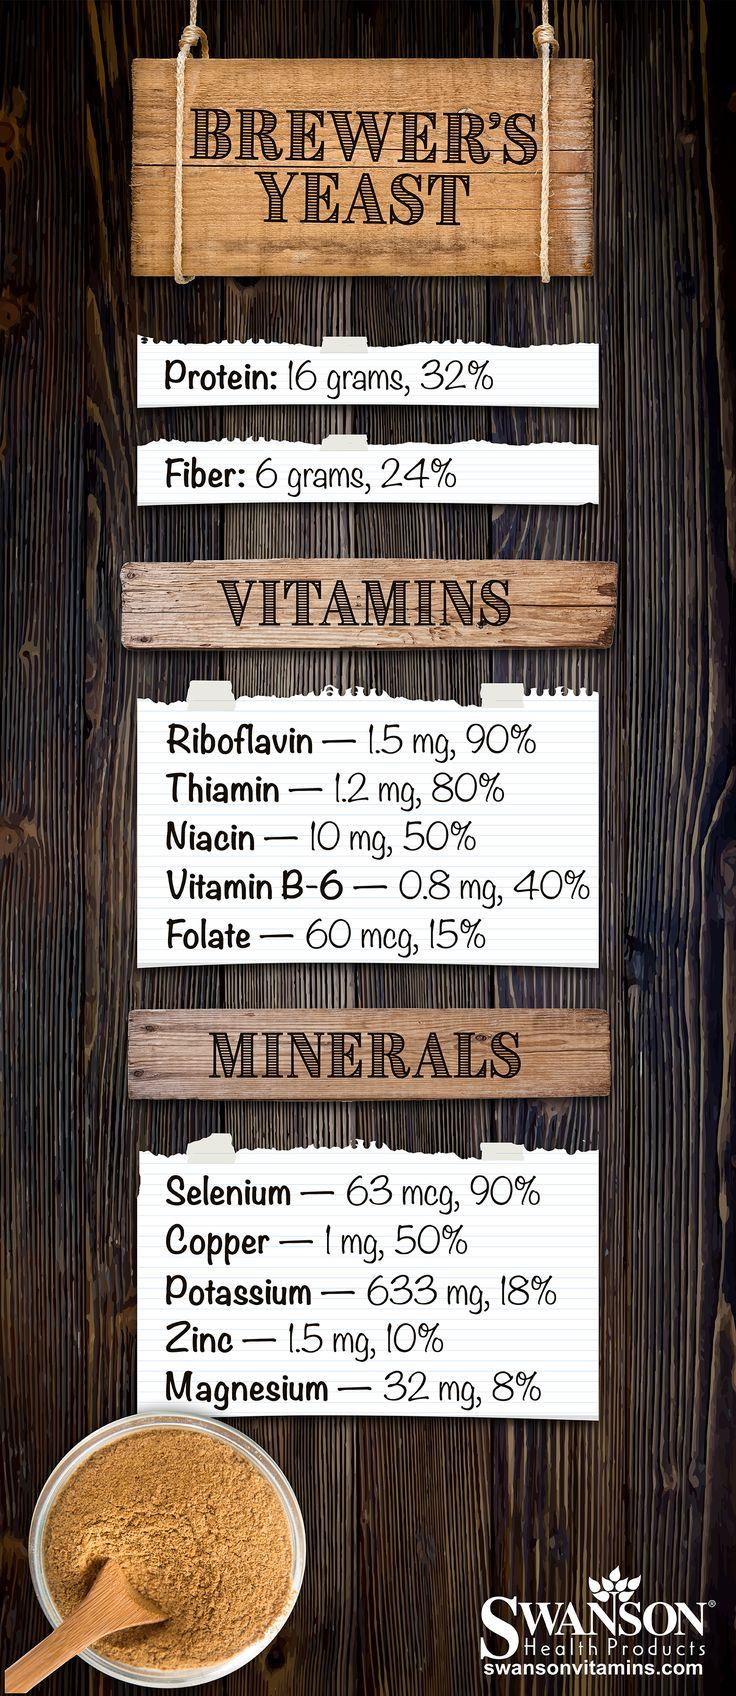 Brewer's Yeast Nutrition Benefits